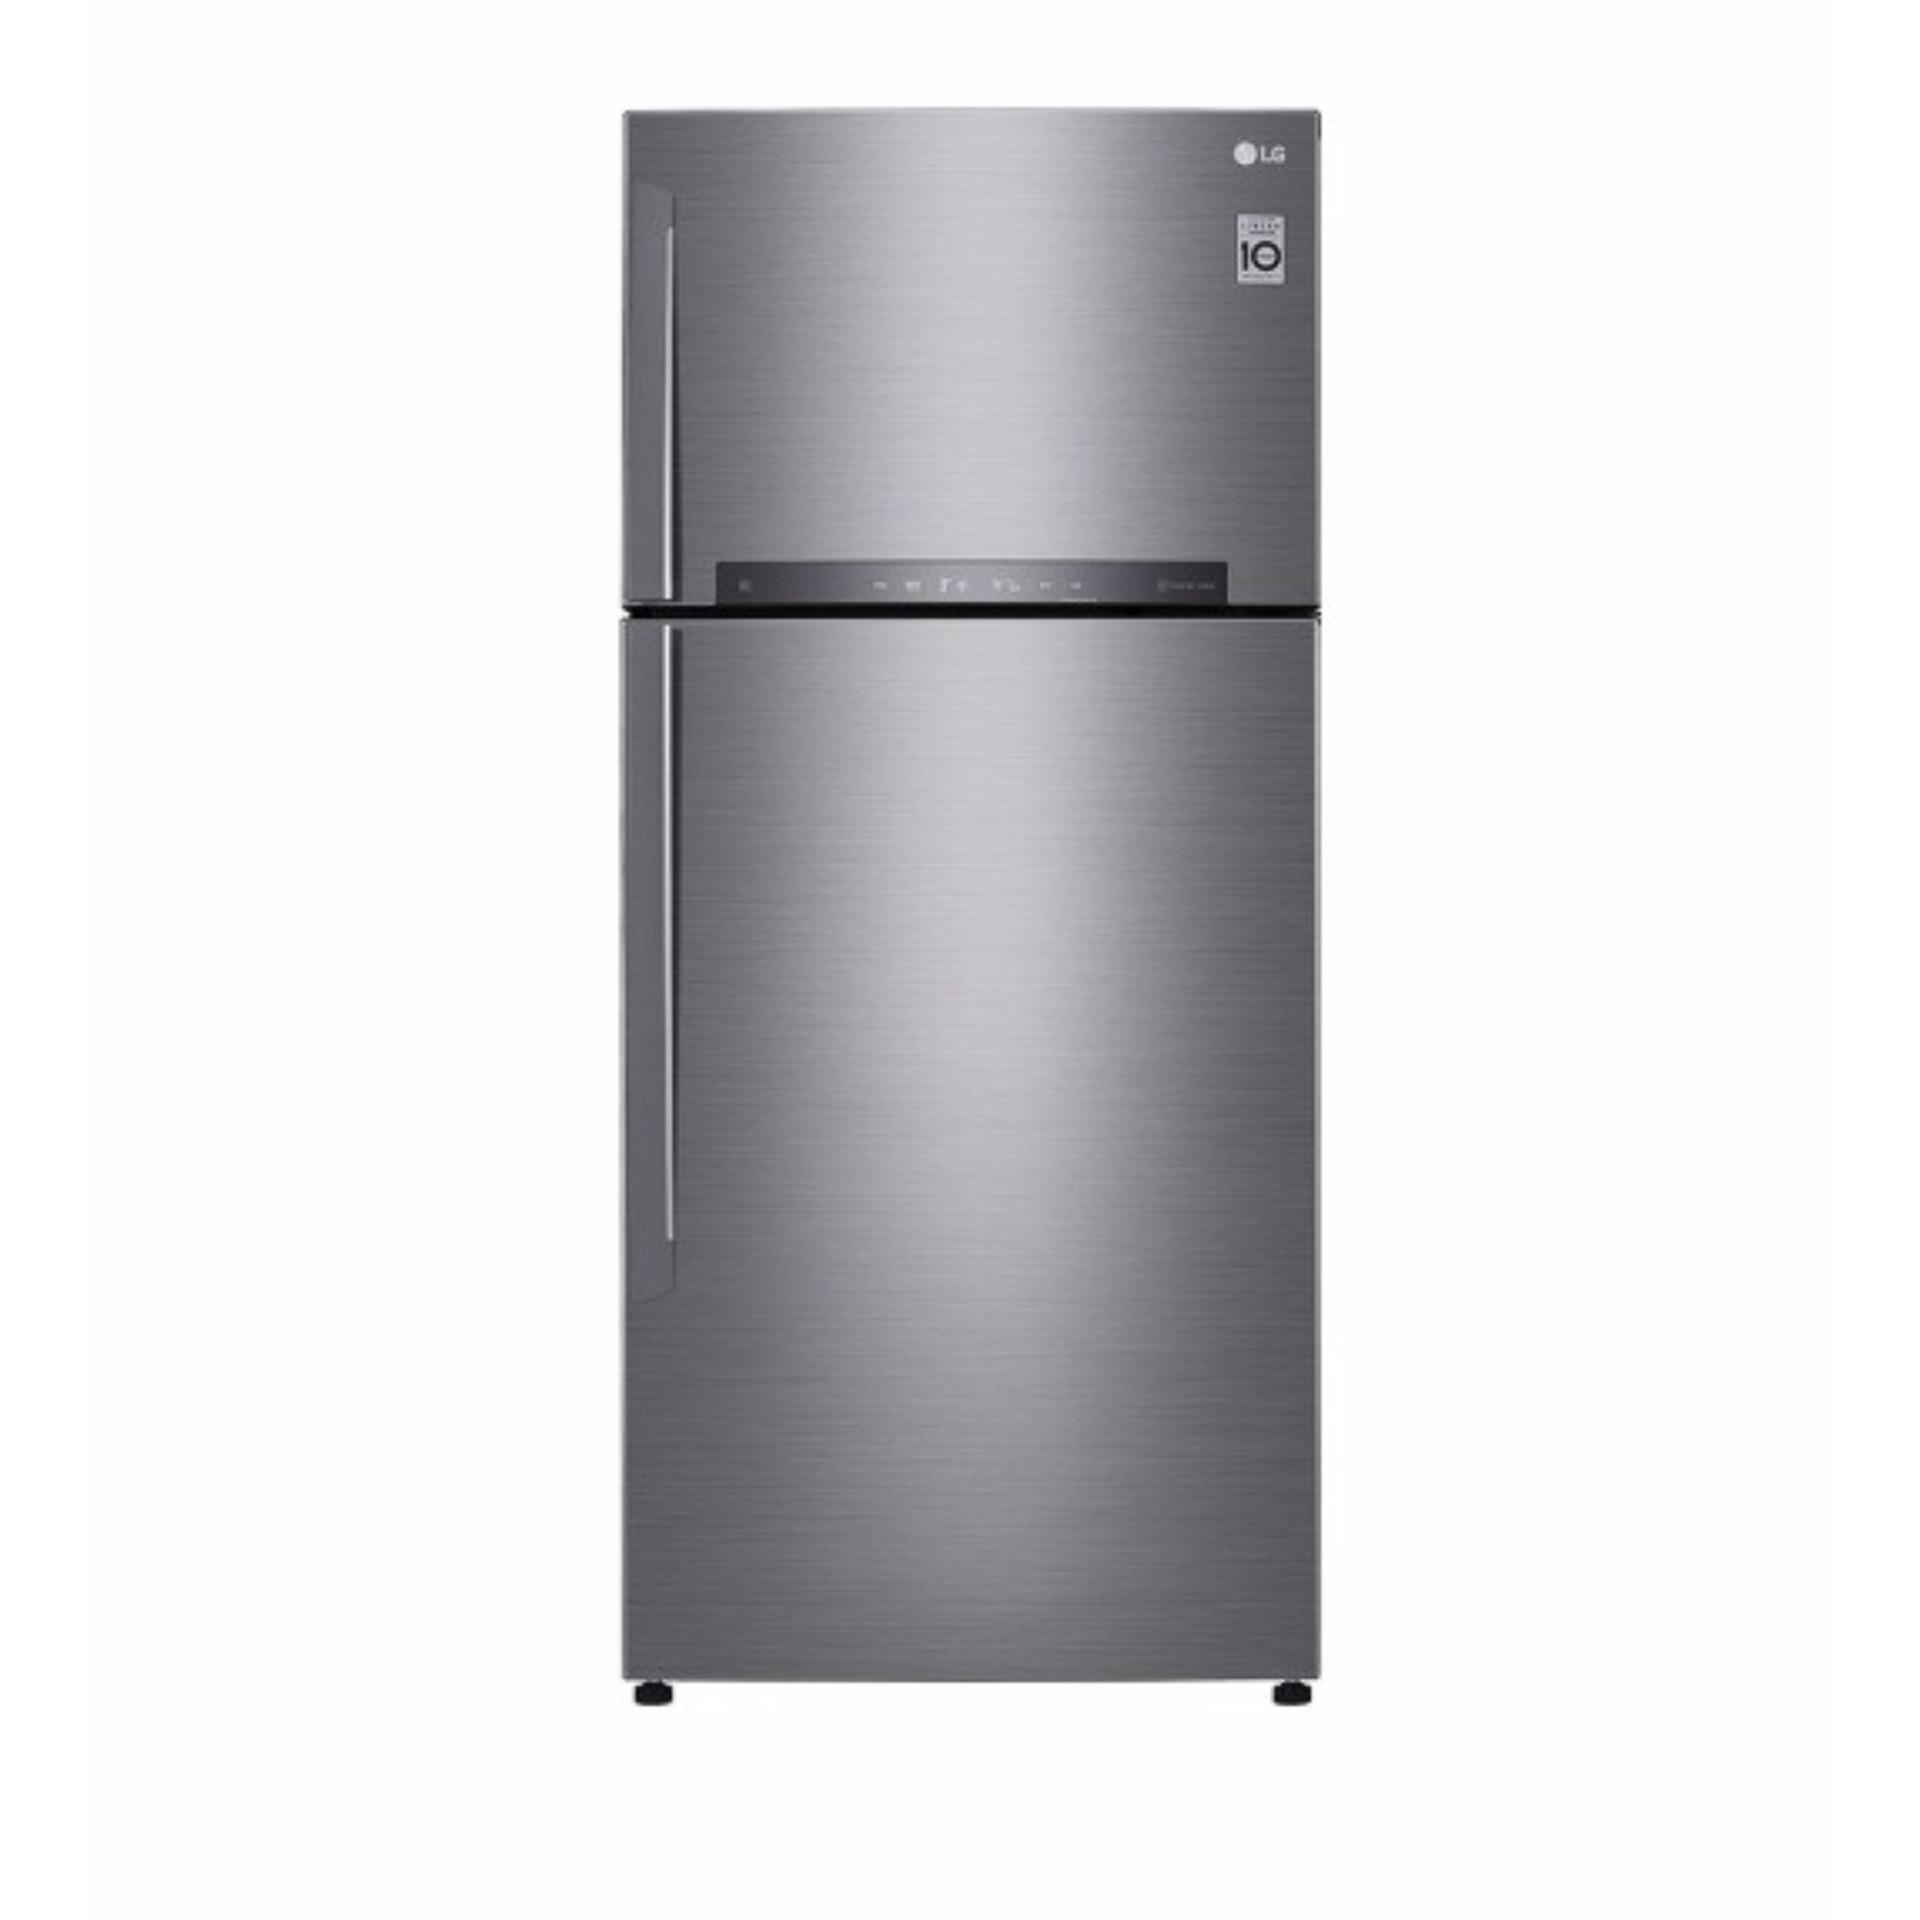 Tủ lạnh LG Inverter 475 lít GN-L602S